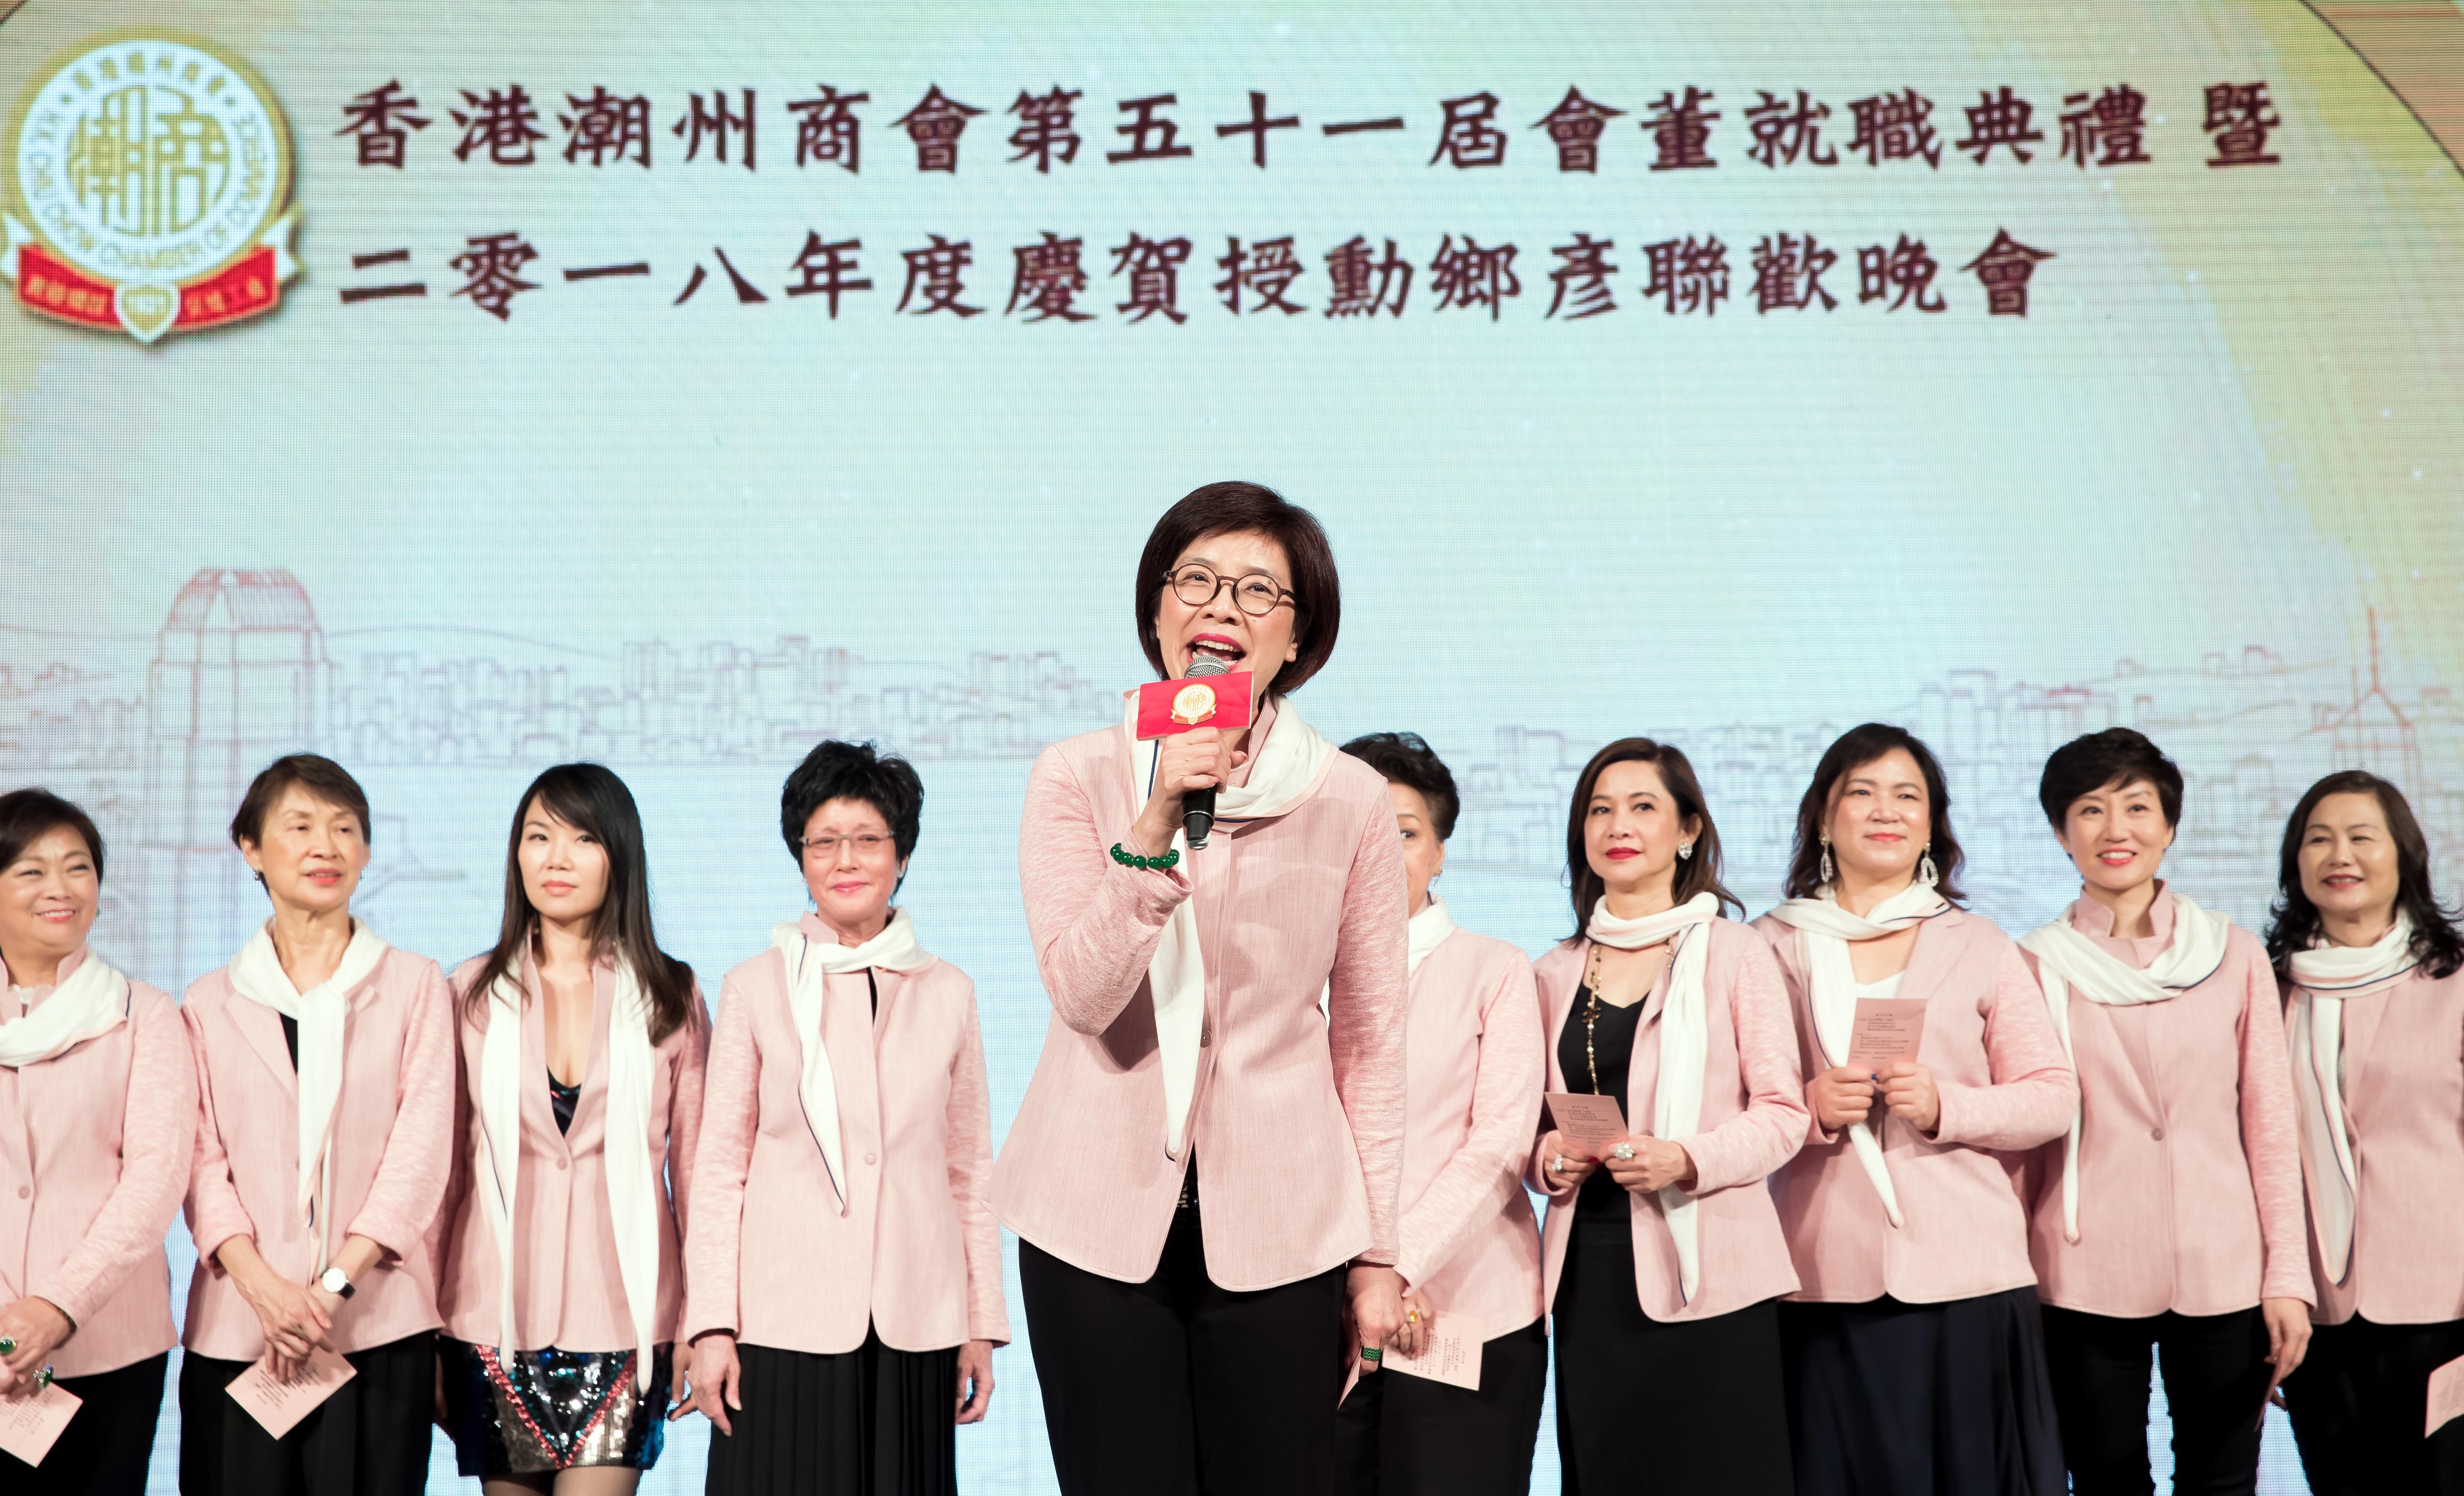 27-婦委會表演合唱東方之珠